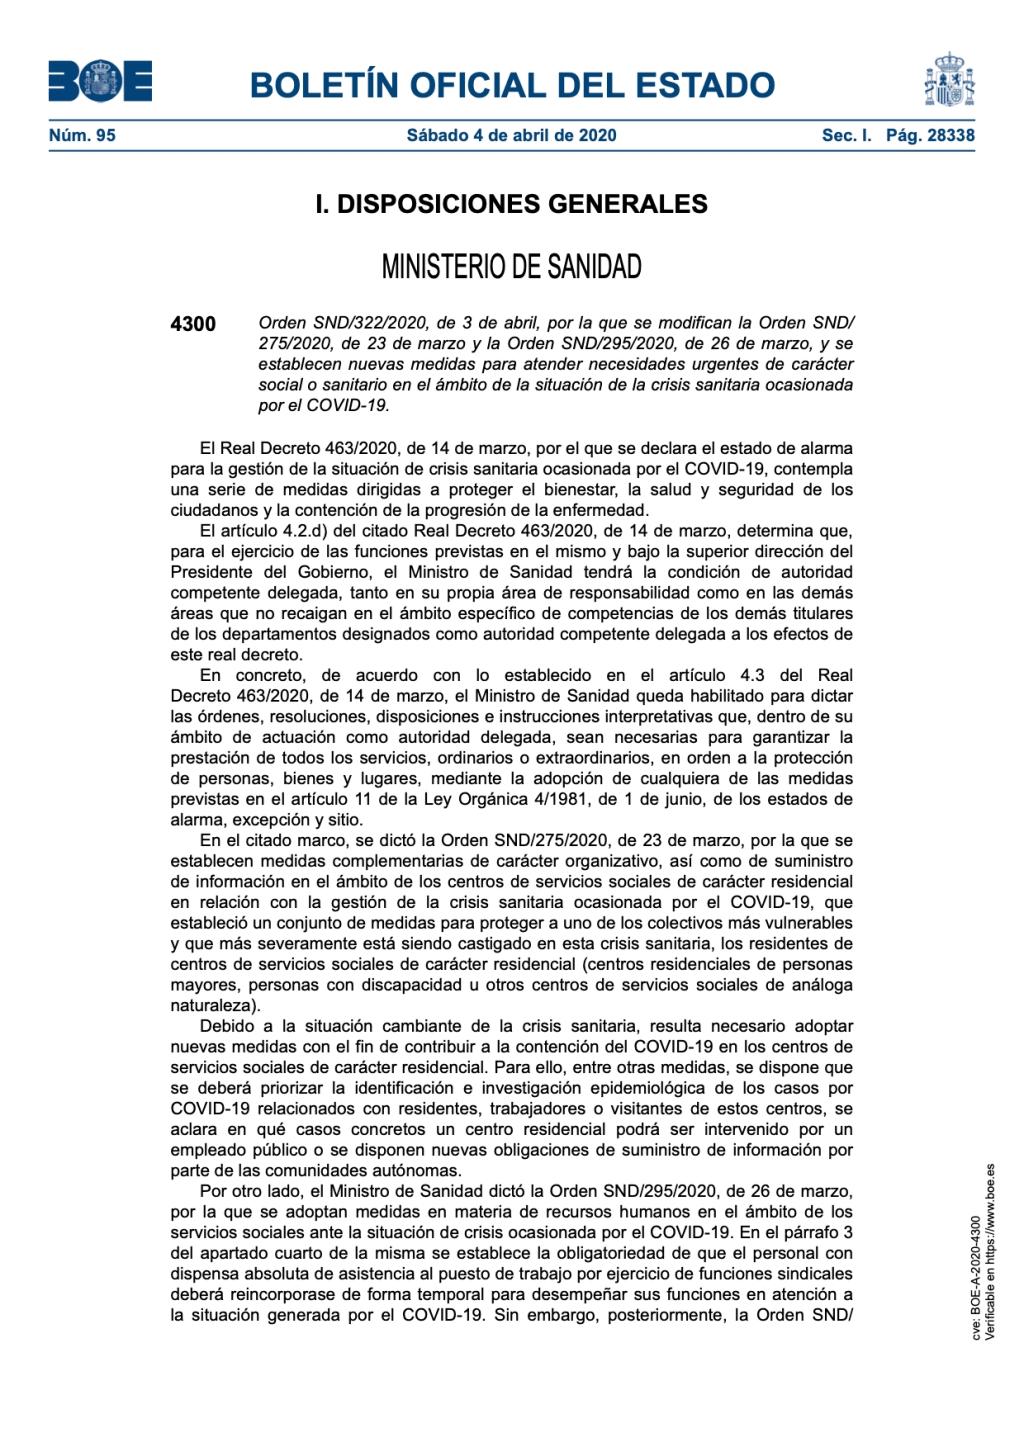 BOLETÍN OFICIAL DEL ESTADO Sábado 4 de abril de 2020.